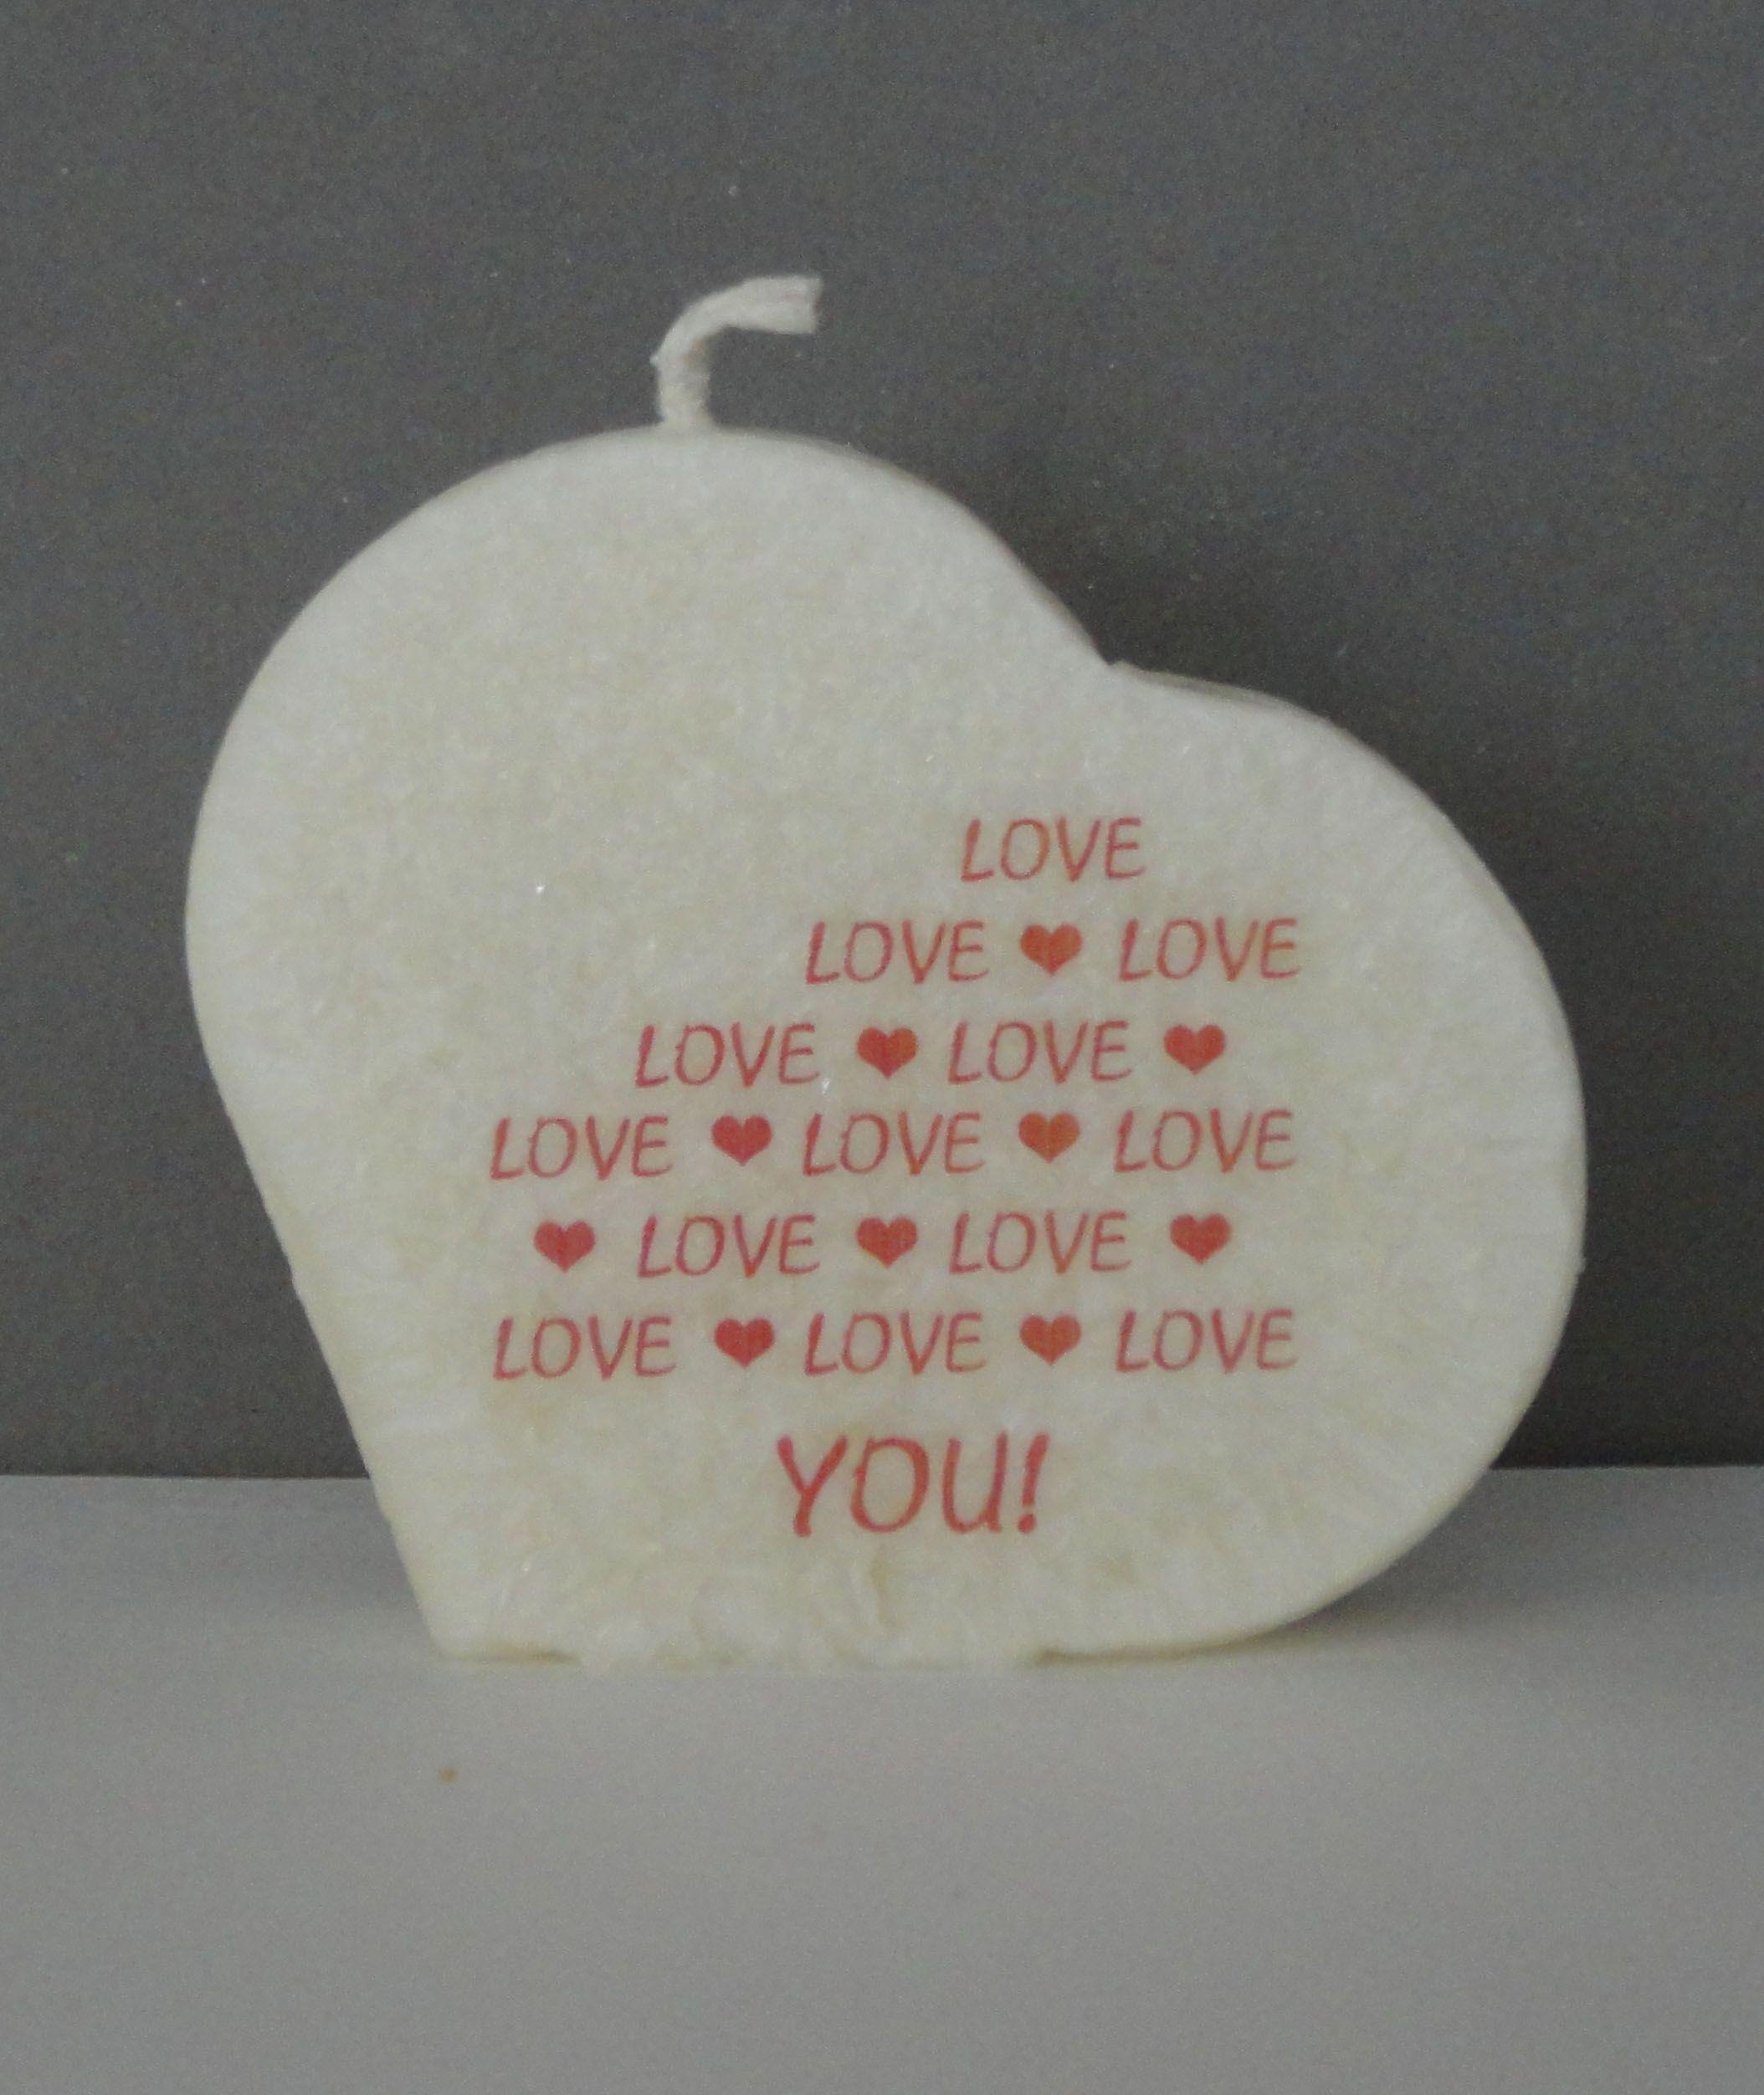 Kristal tekst kaars met opdruk, leuk voor valentijnsdag.